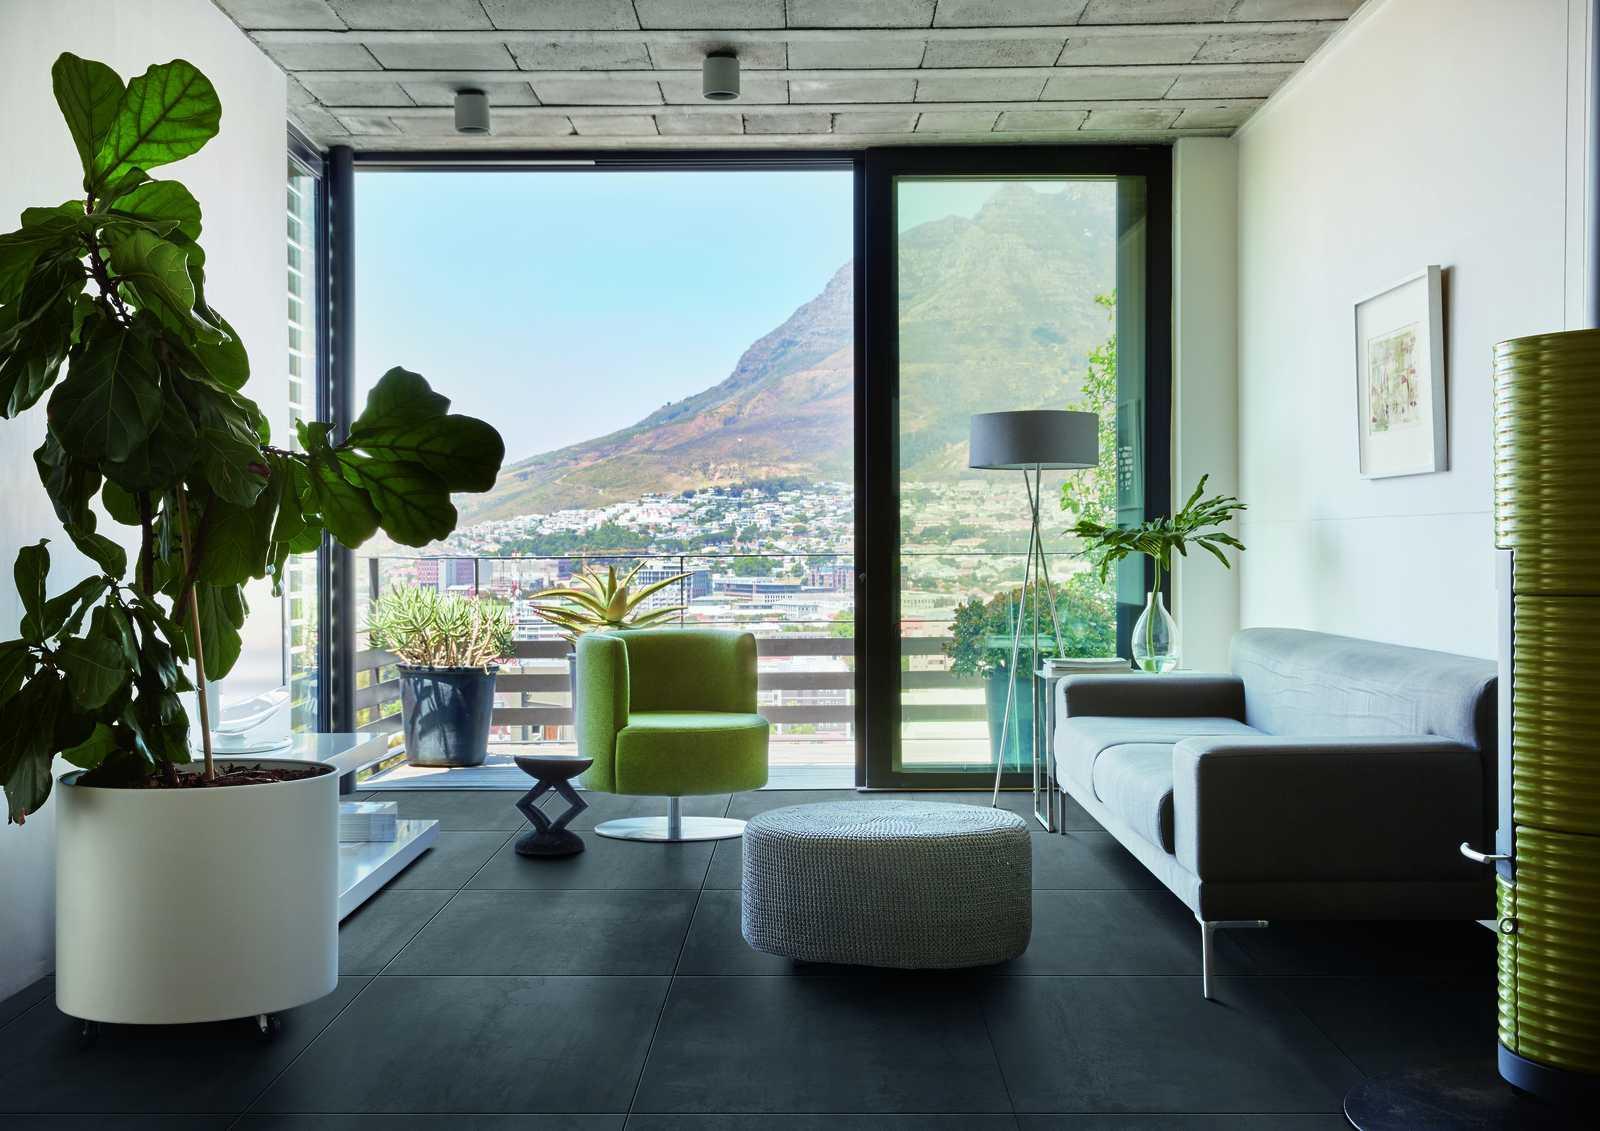 room livings tiles victorian v living stones dutt floor saura popular ideas